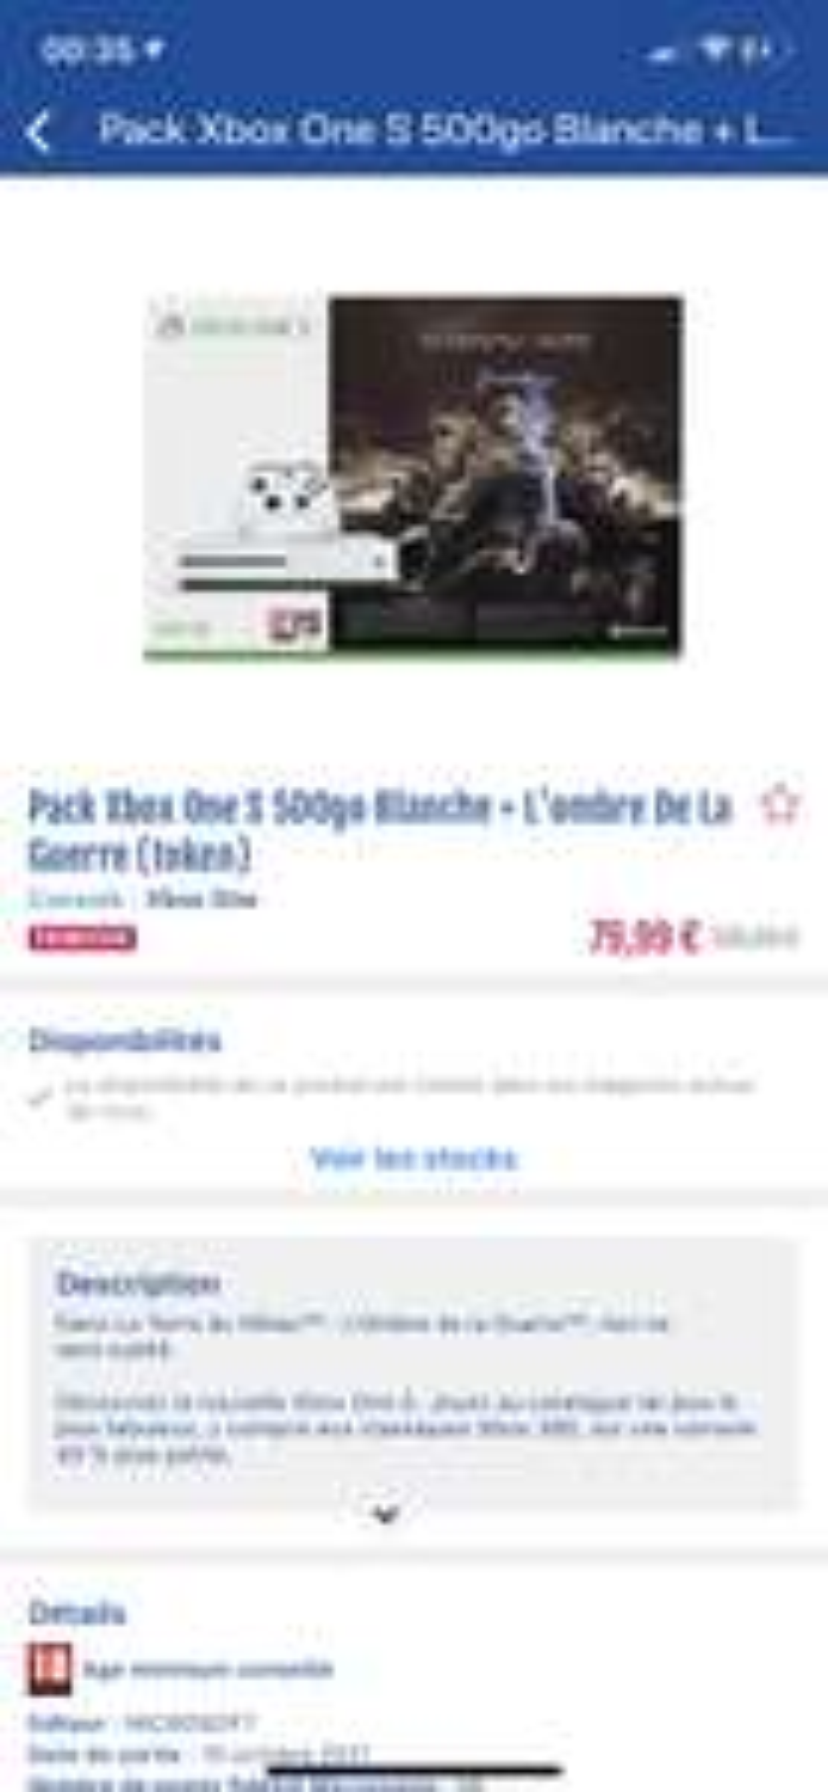 Pack Console Xbox One S - 500 Go + L'Ombre de la Guerre (75)